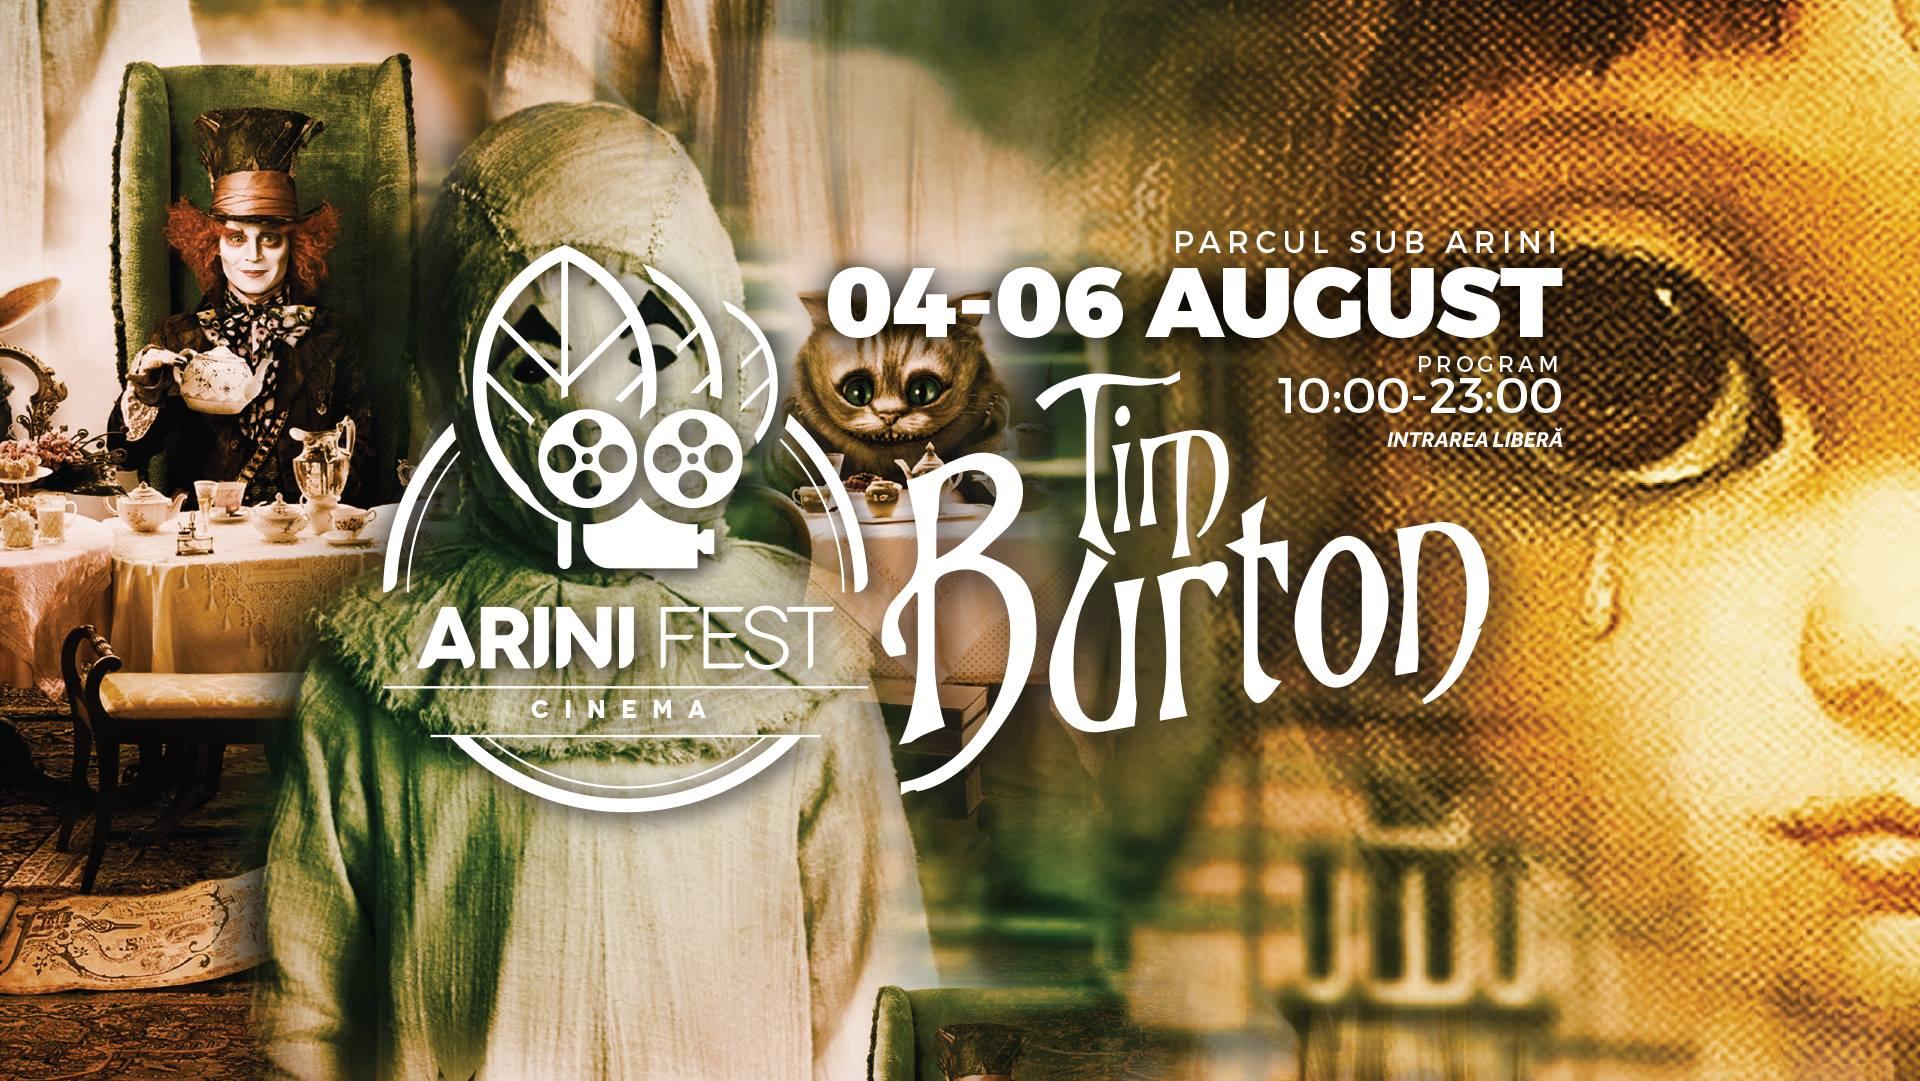 Arini Fest Cinema 2017